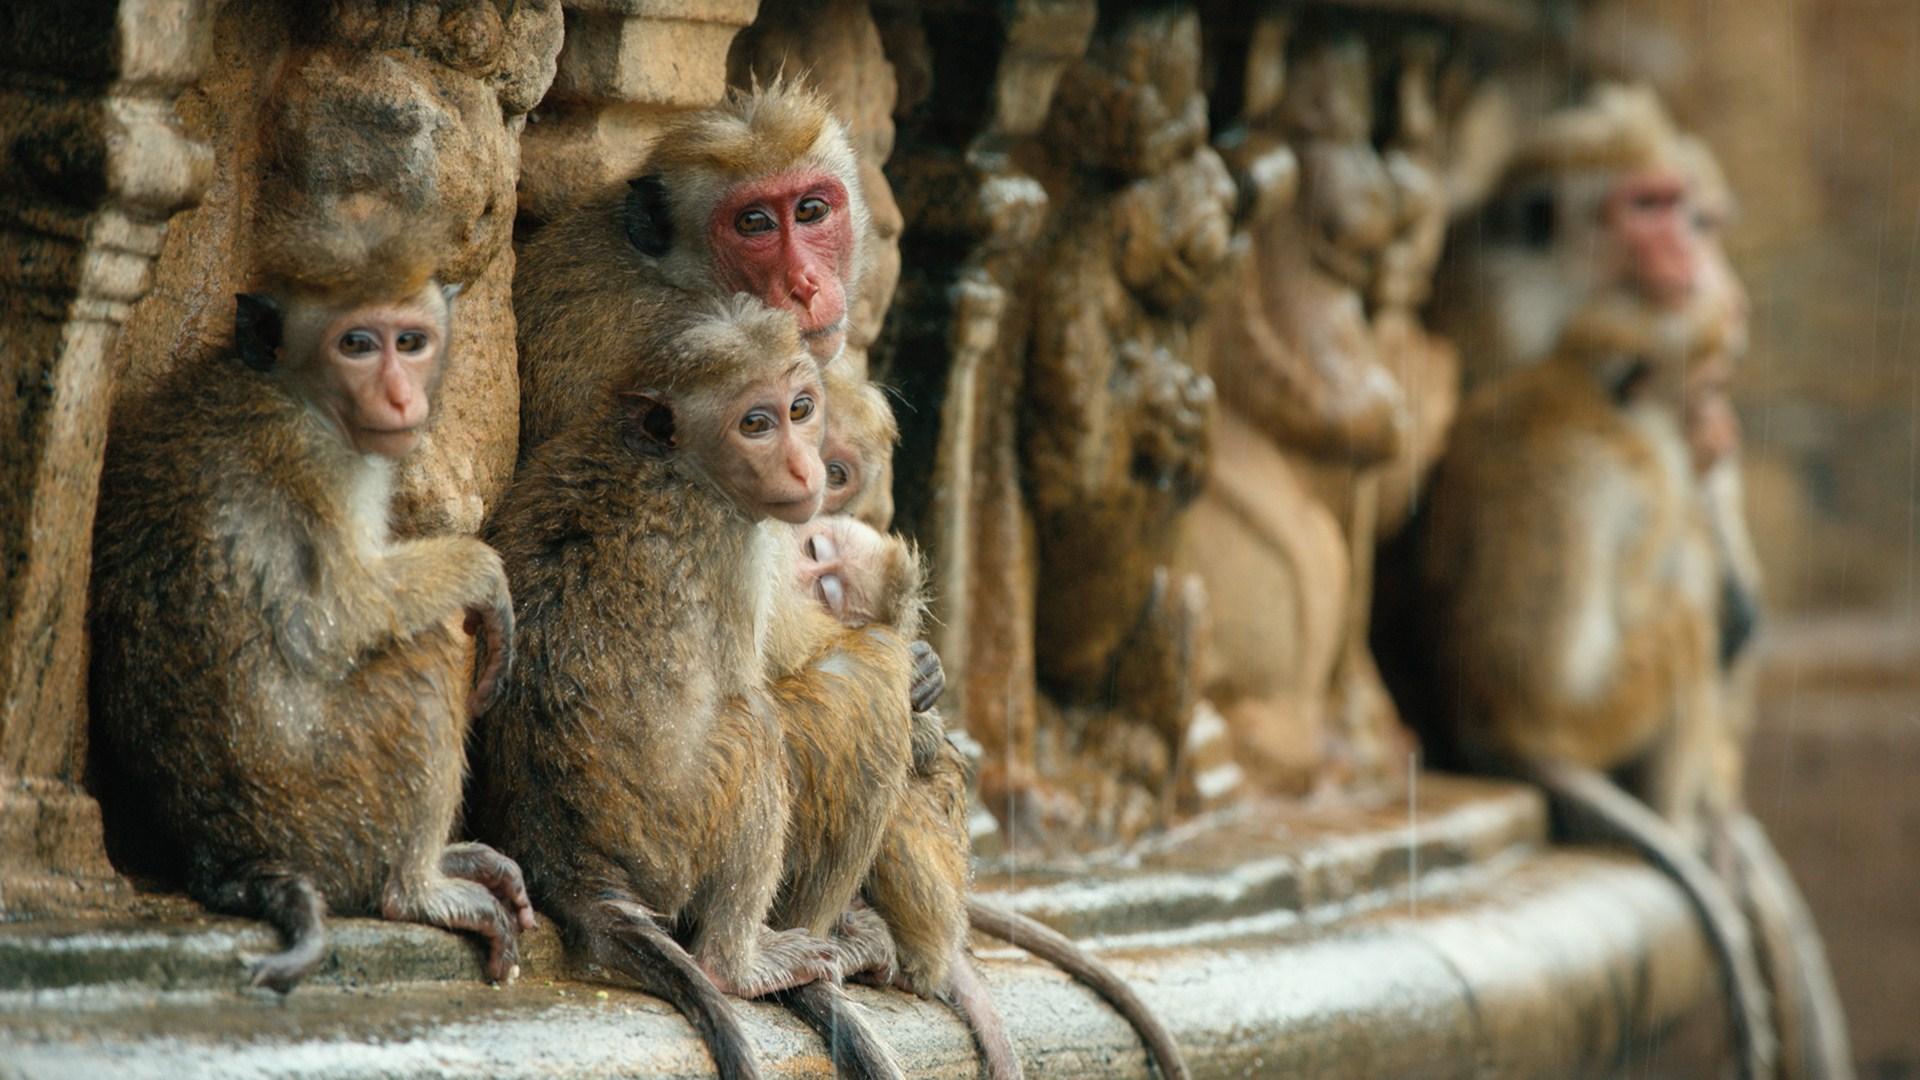 پادشاهی میمون ها (مستند)